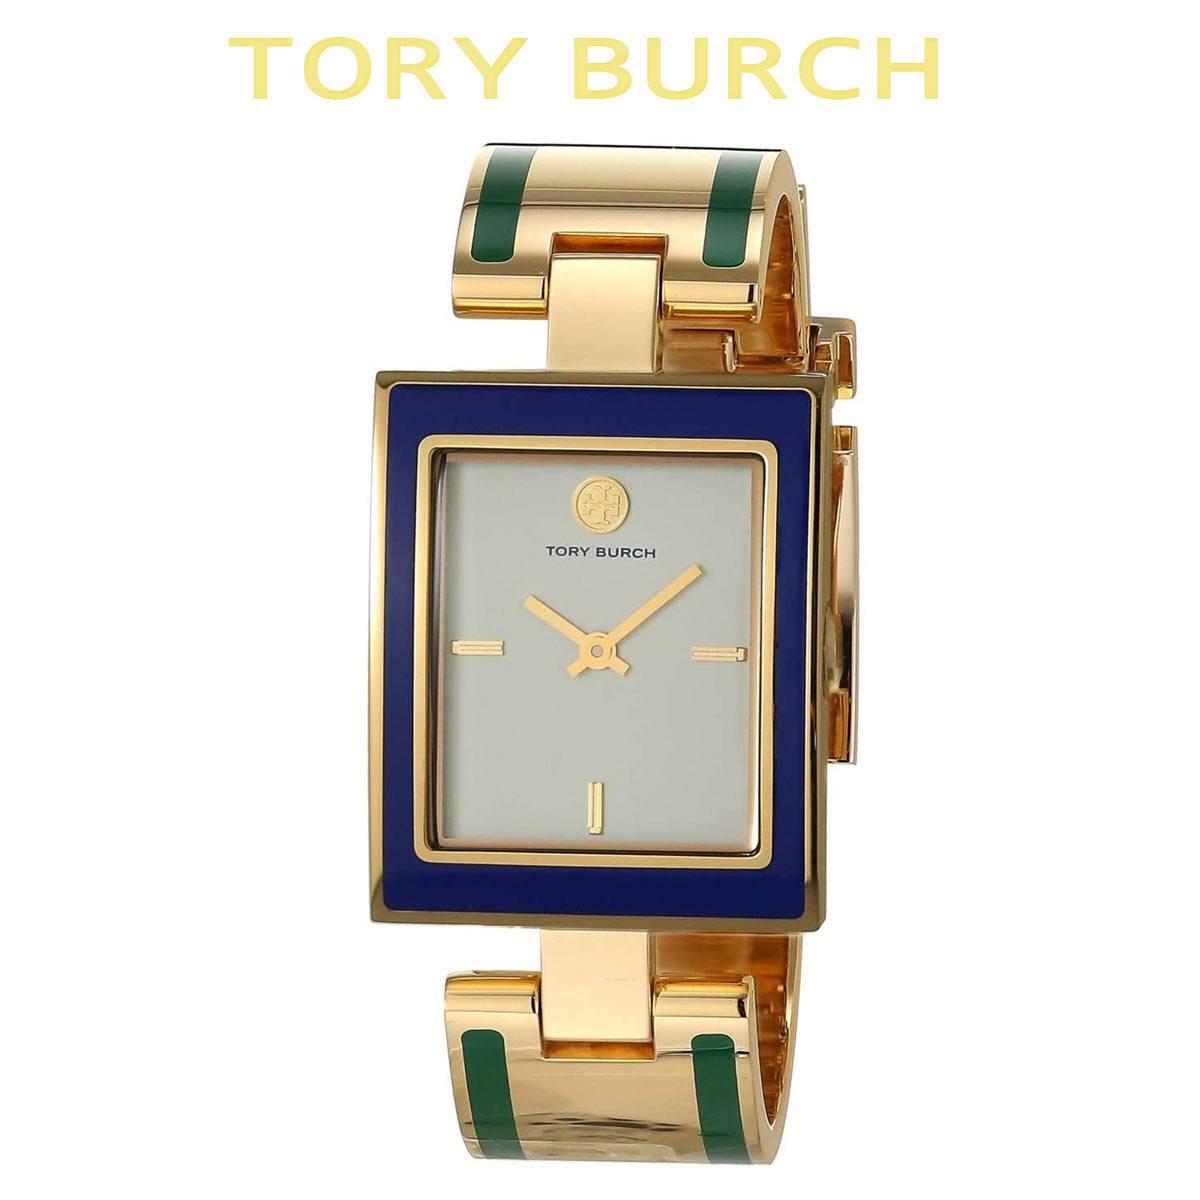 トリーバーチ 時計 送料無料 腕時計 毎日がバーゲンセール レディース ブレスレット スクエア おしゃれ ブランド Burch Tory